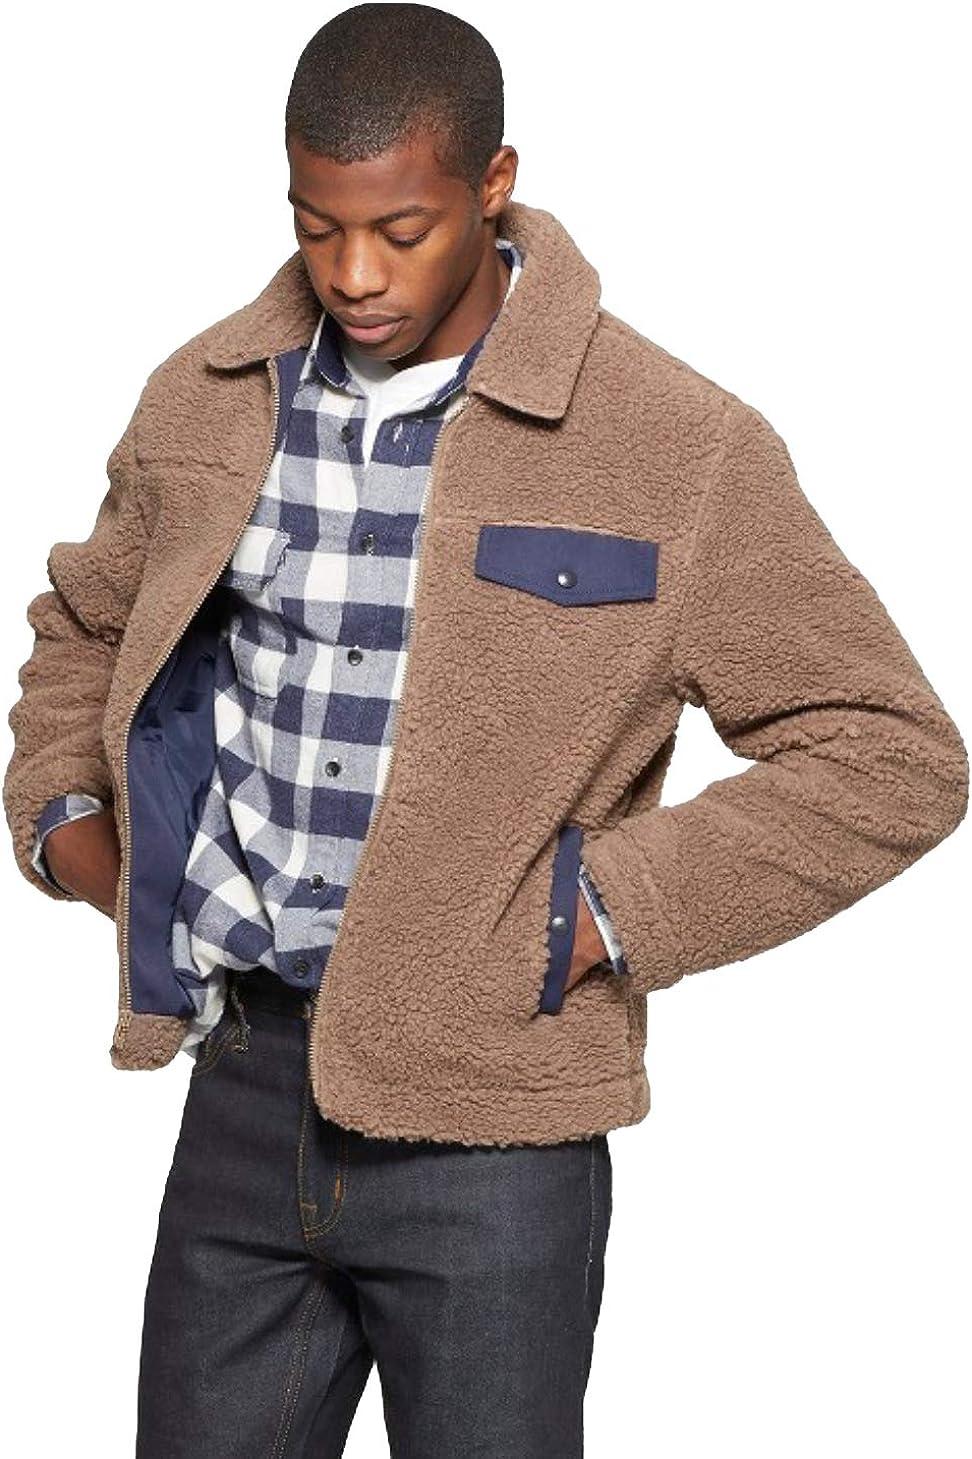 Goodfellow & Co Men's Faux Fur Jacket - Mocha -